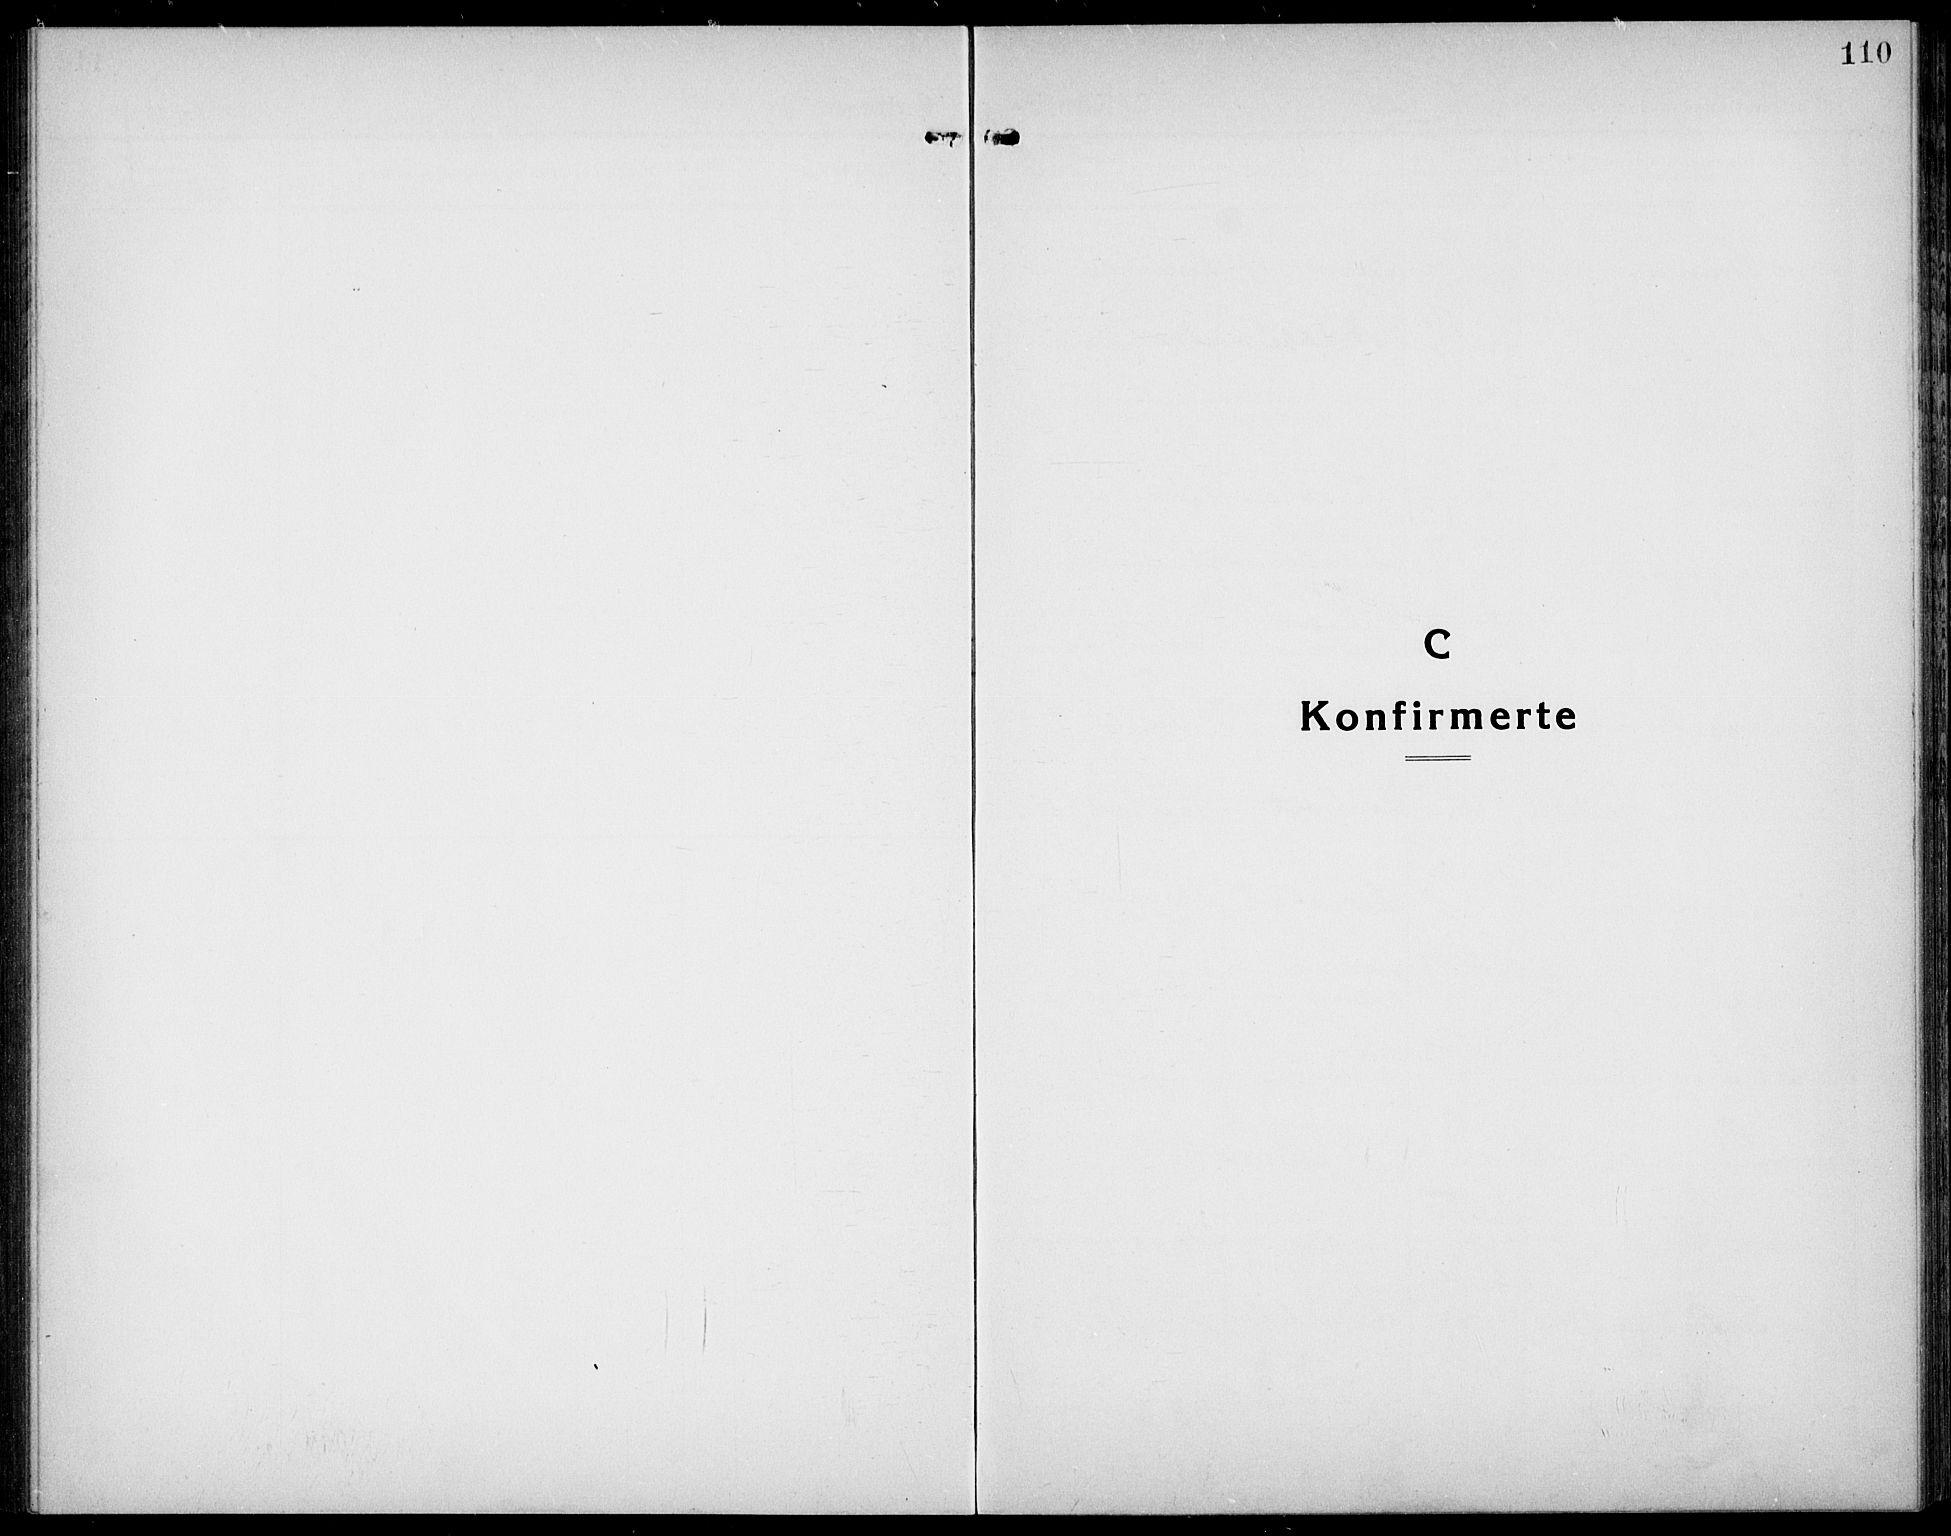 SAKO, Bamble kirkebøker, G/Ga/L0011: Klokkerbok nr. I 11, 1920-1935, s. 110